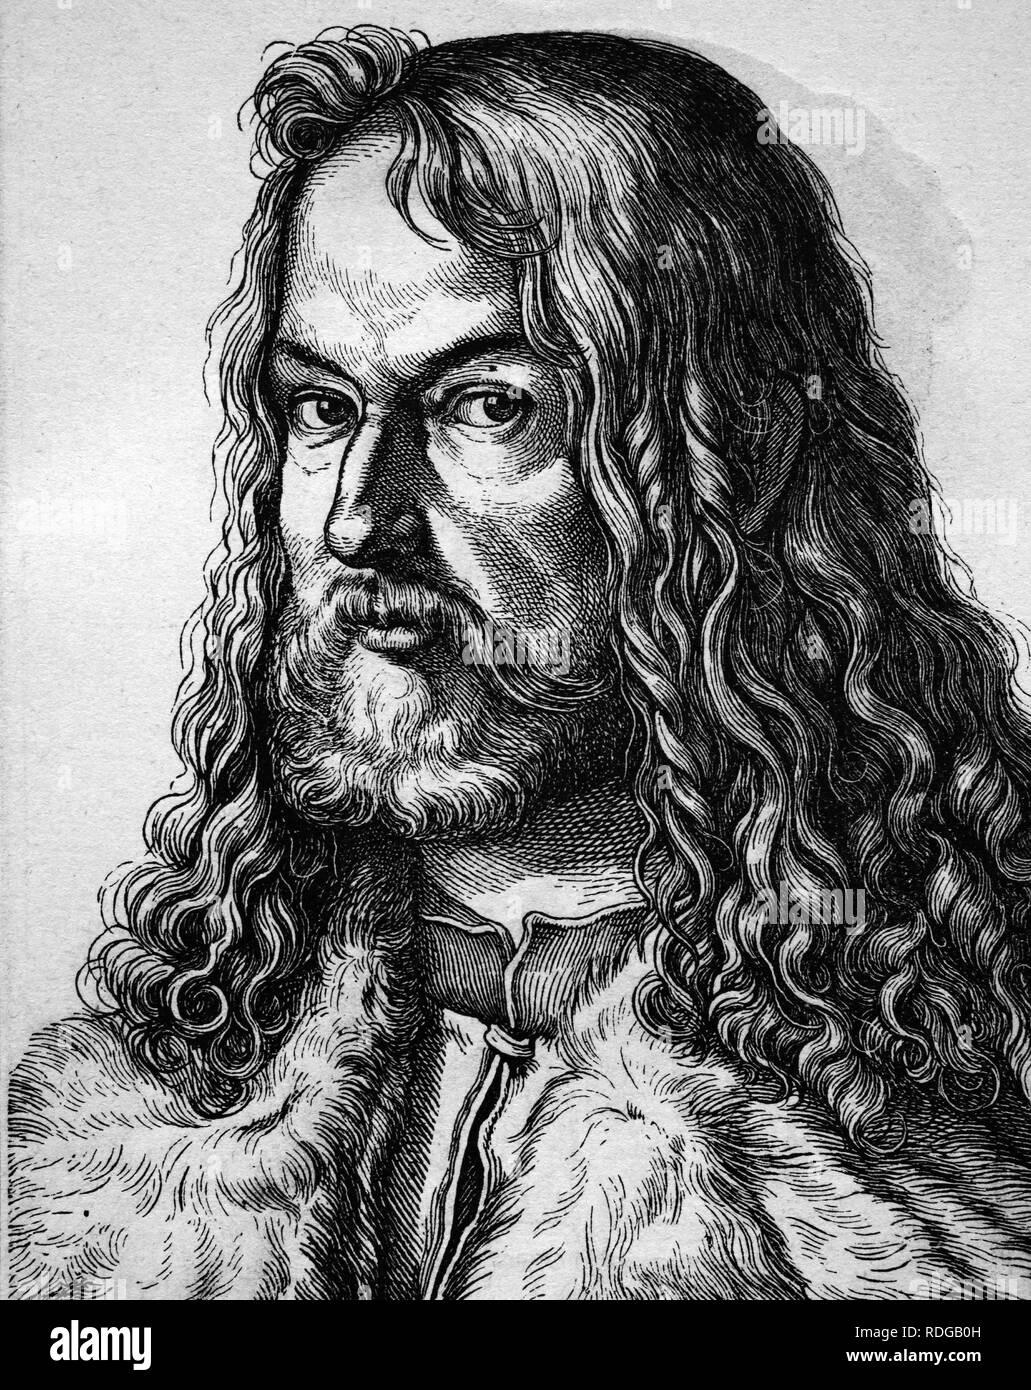 Albrecht Dürer, Maler, 1471 - 1528, historische Darstellung, Porträt, 1880 Stockbild